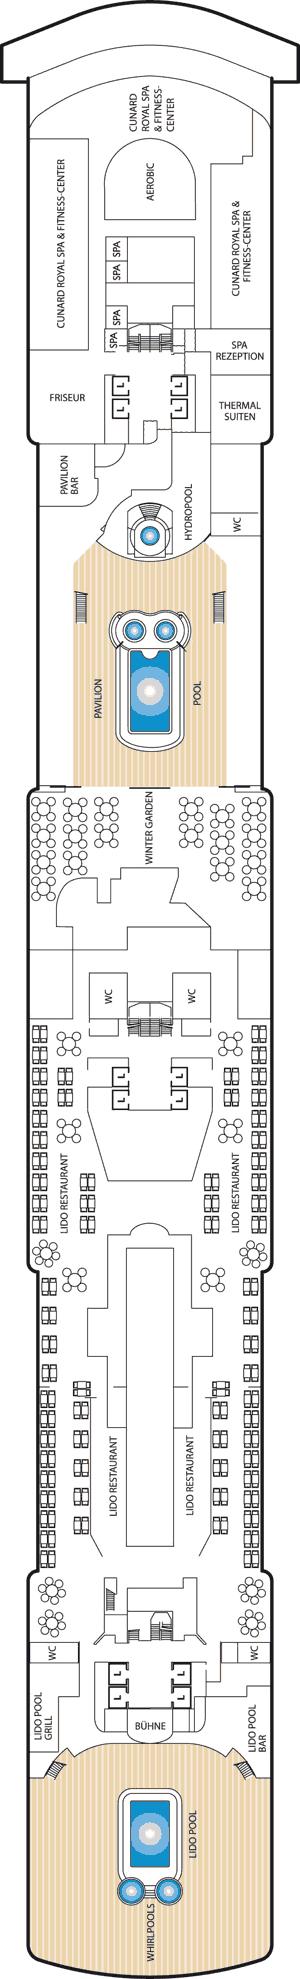 Queen Victoria - Deck 9